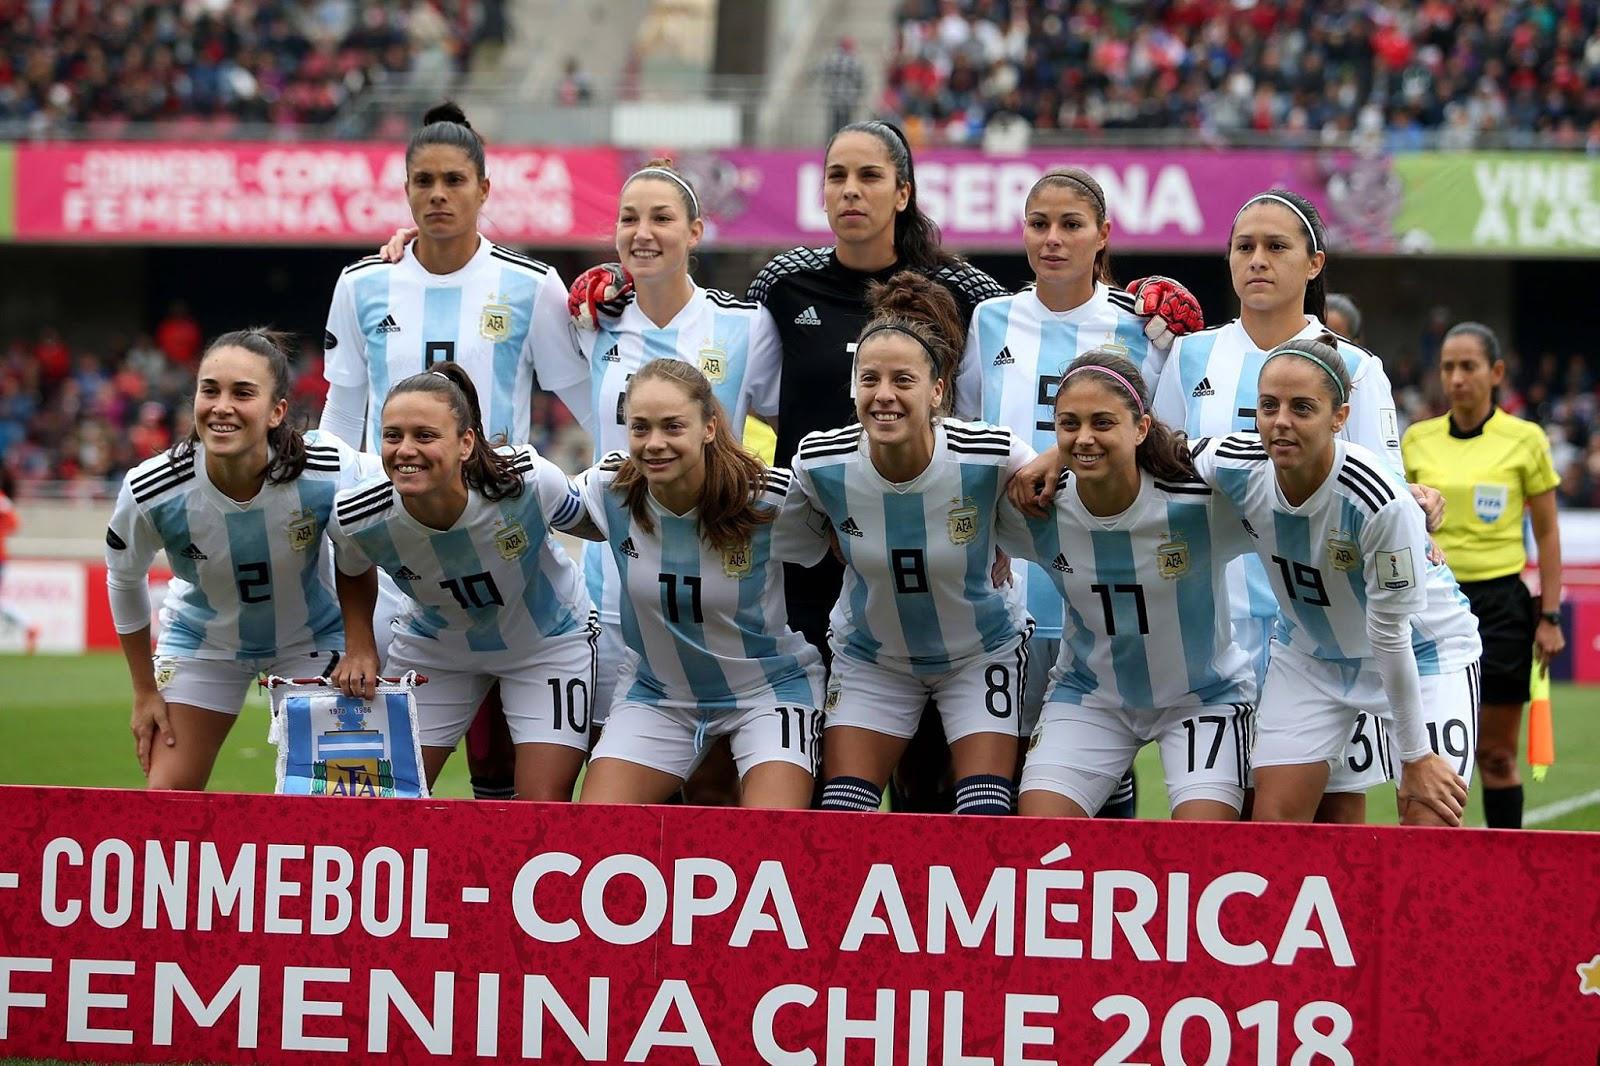 Formación de selección de Argentina ante Chile, Copa América Femenina 2018, 22 de abril